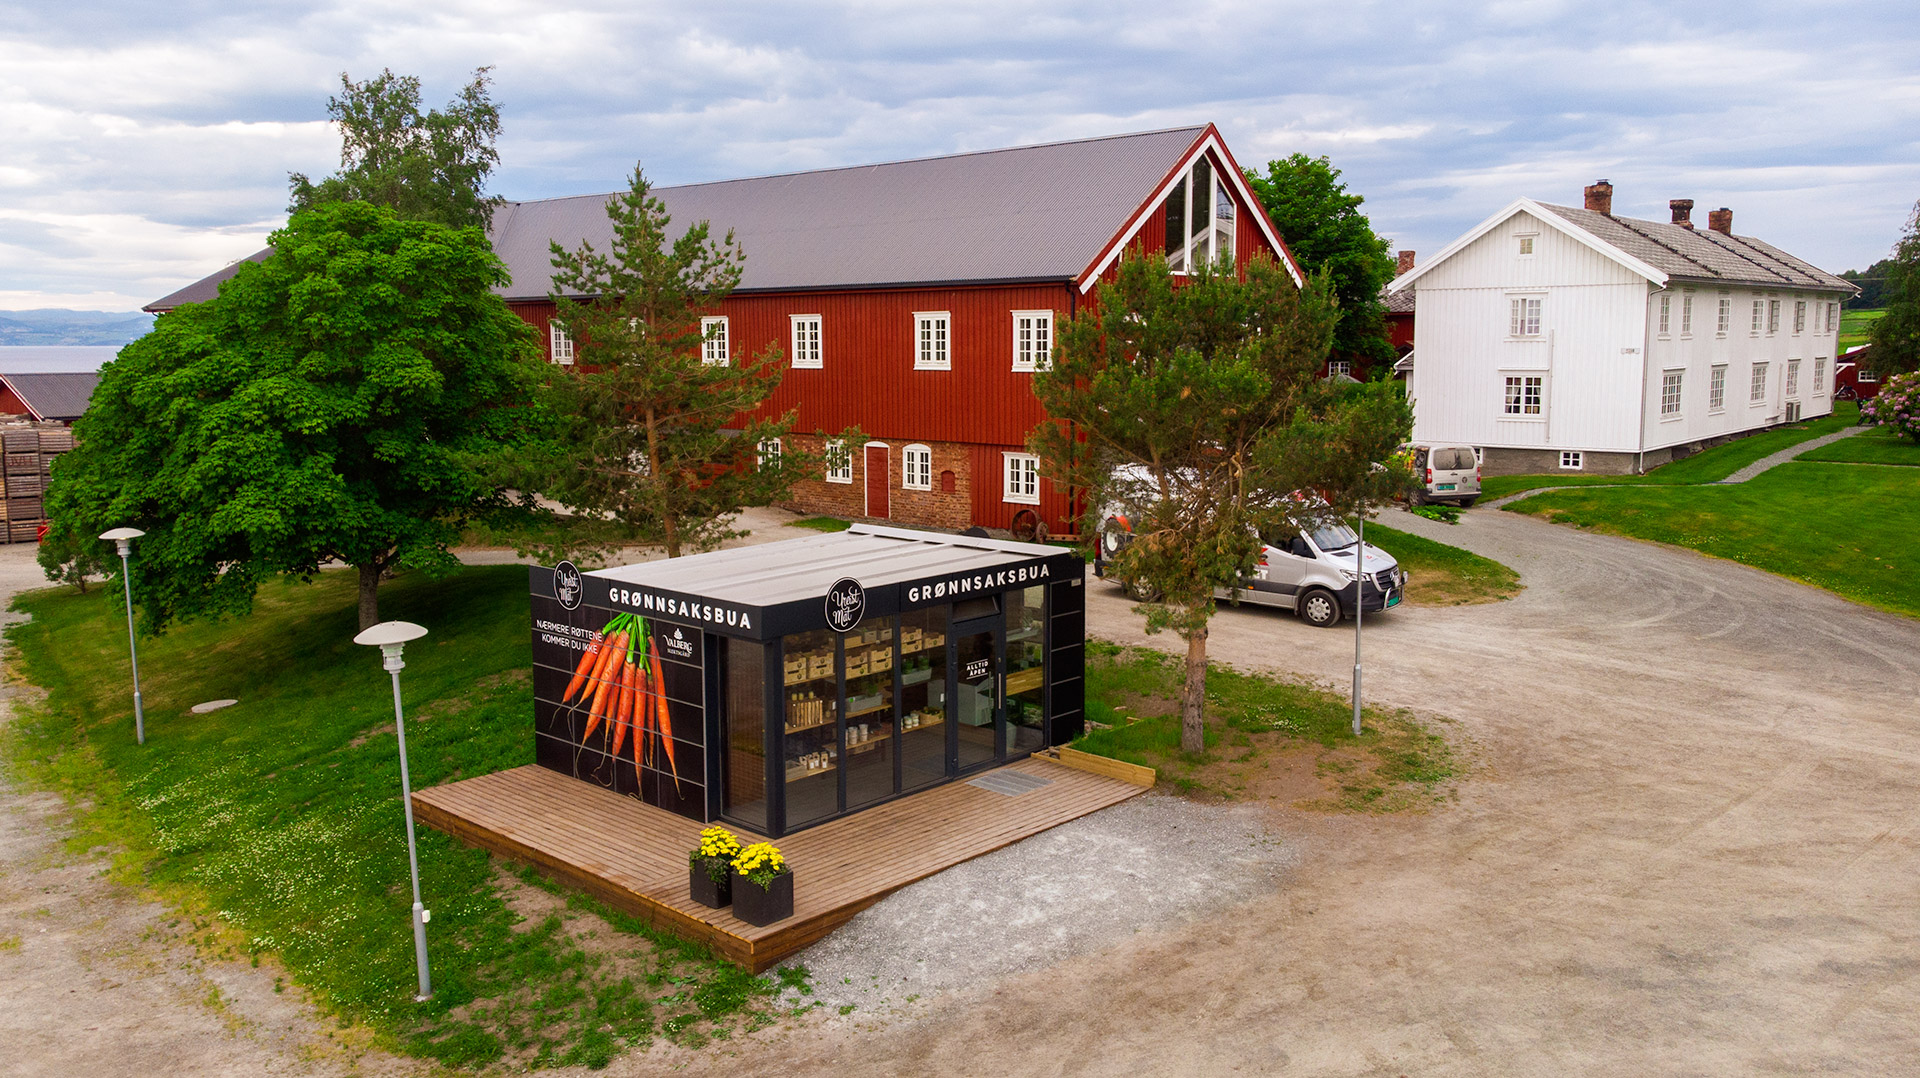 Grønnsaksbua - Valberg Slektsgård